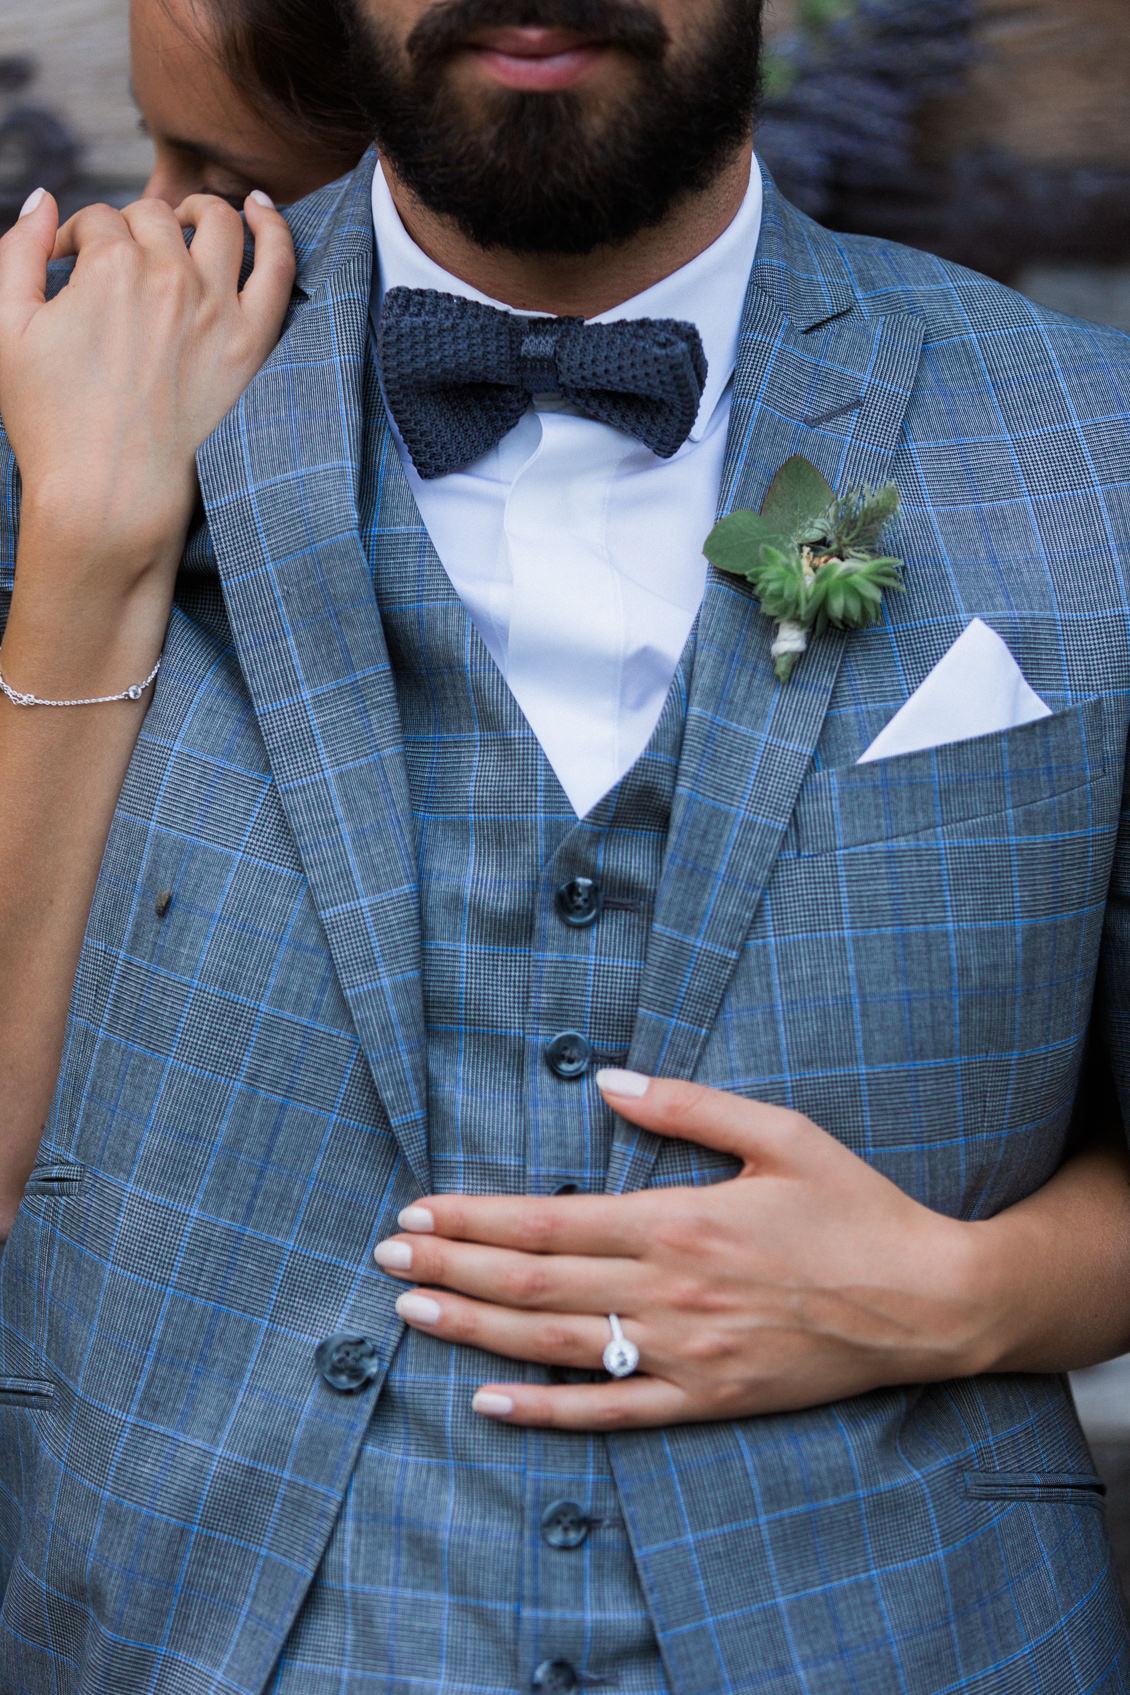 elopement-mariage-intime-lavande-provence-mont-ventoux-jonathan-prefaut-467